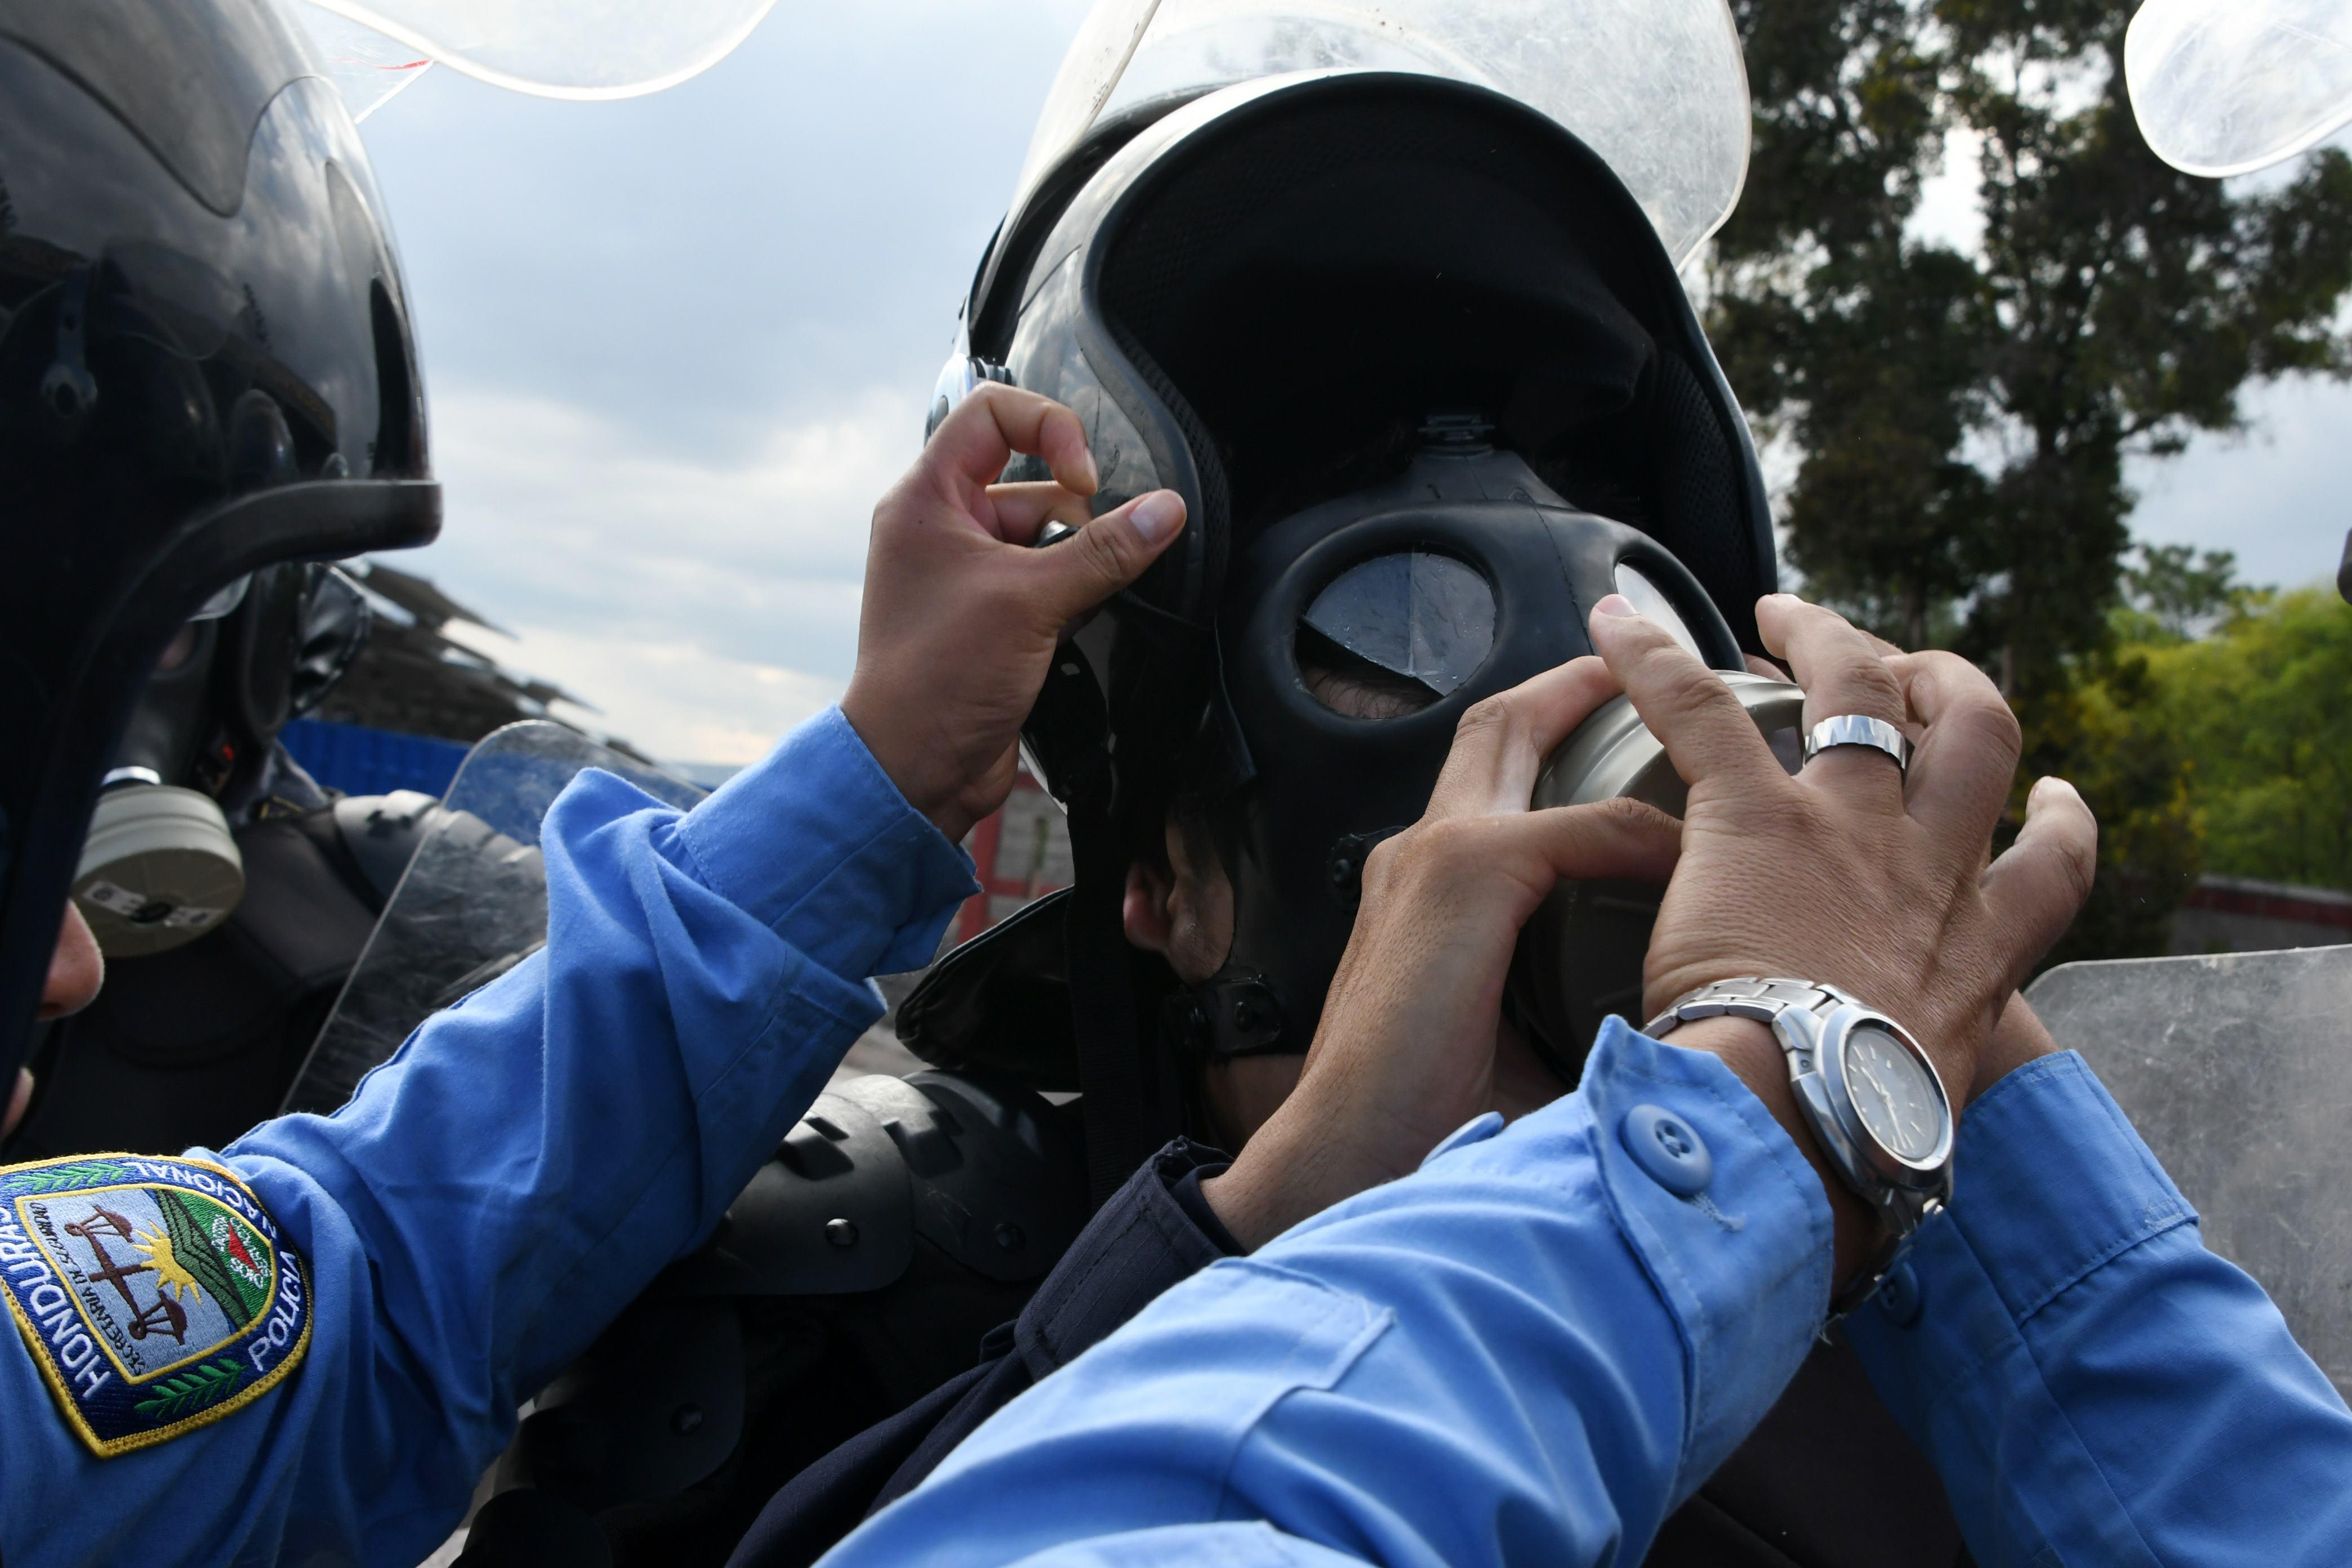 اختناق احد افراد الشرطة